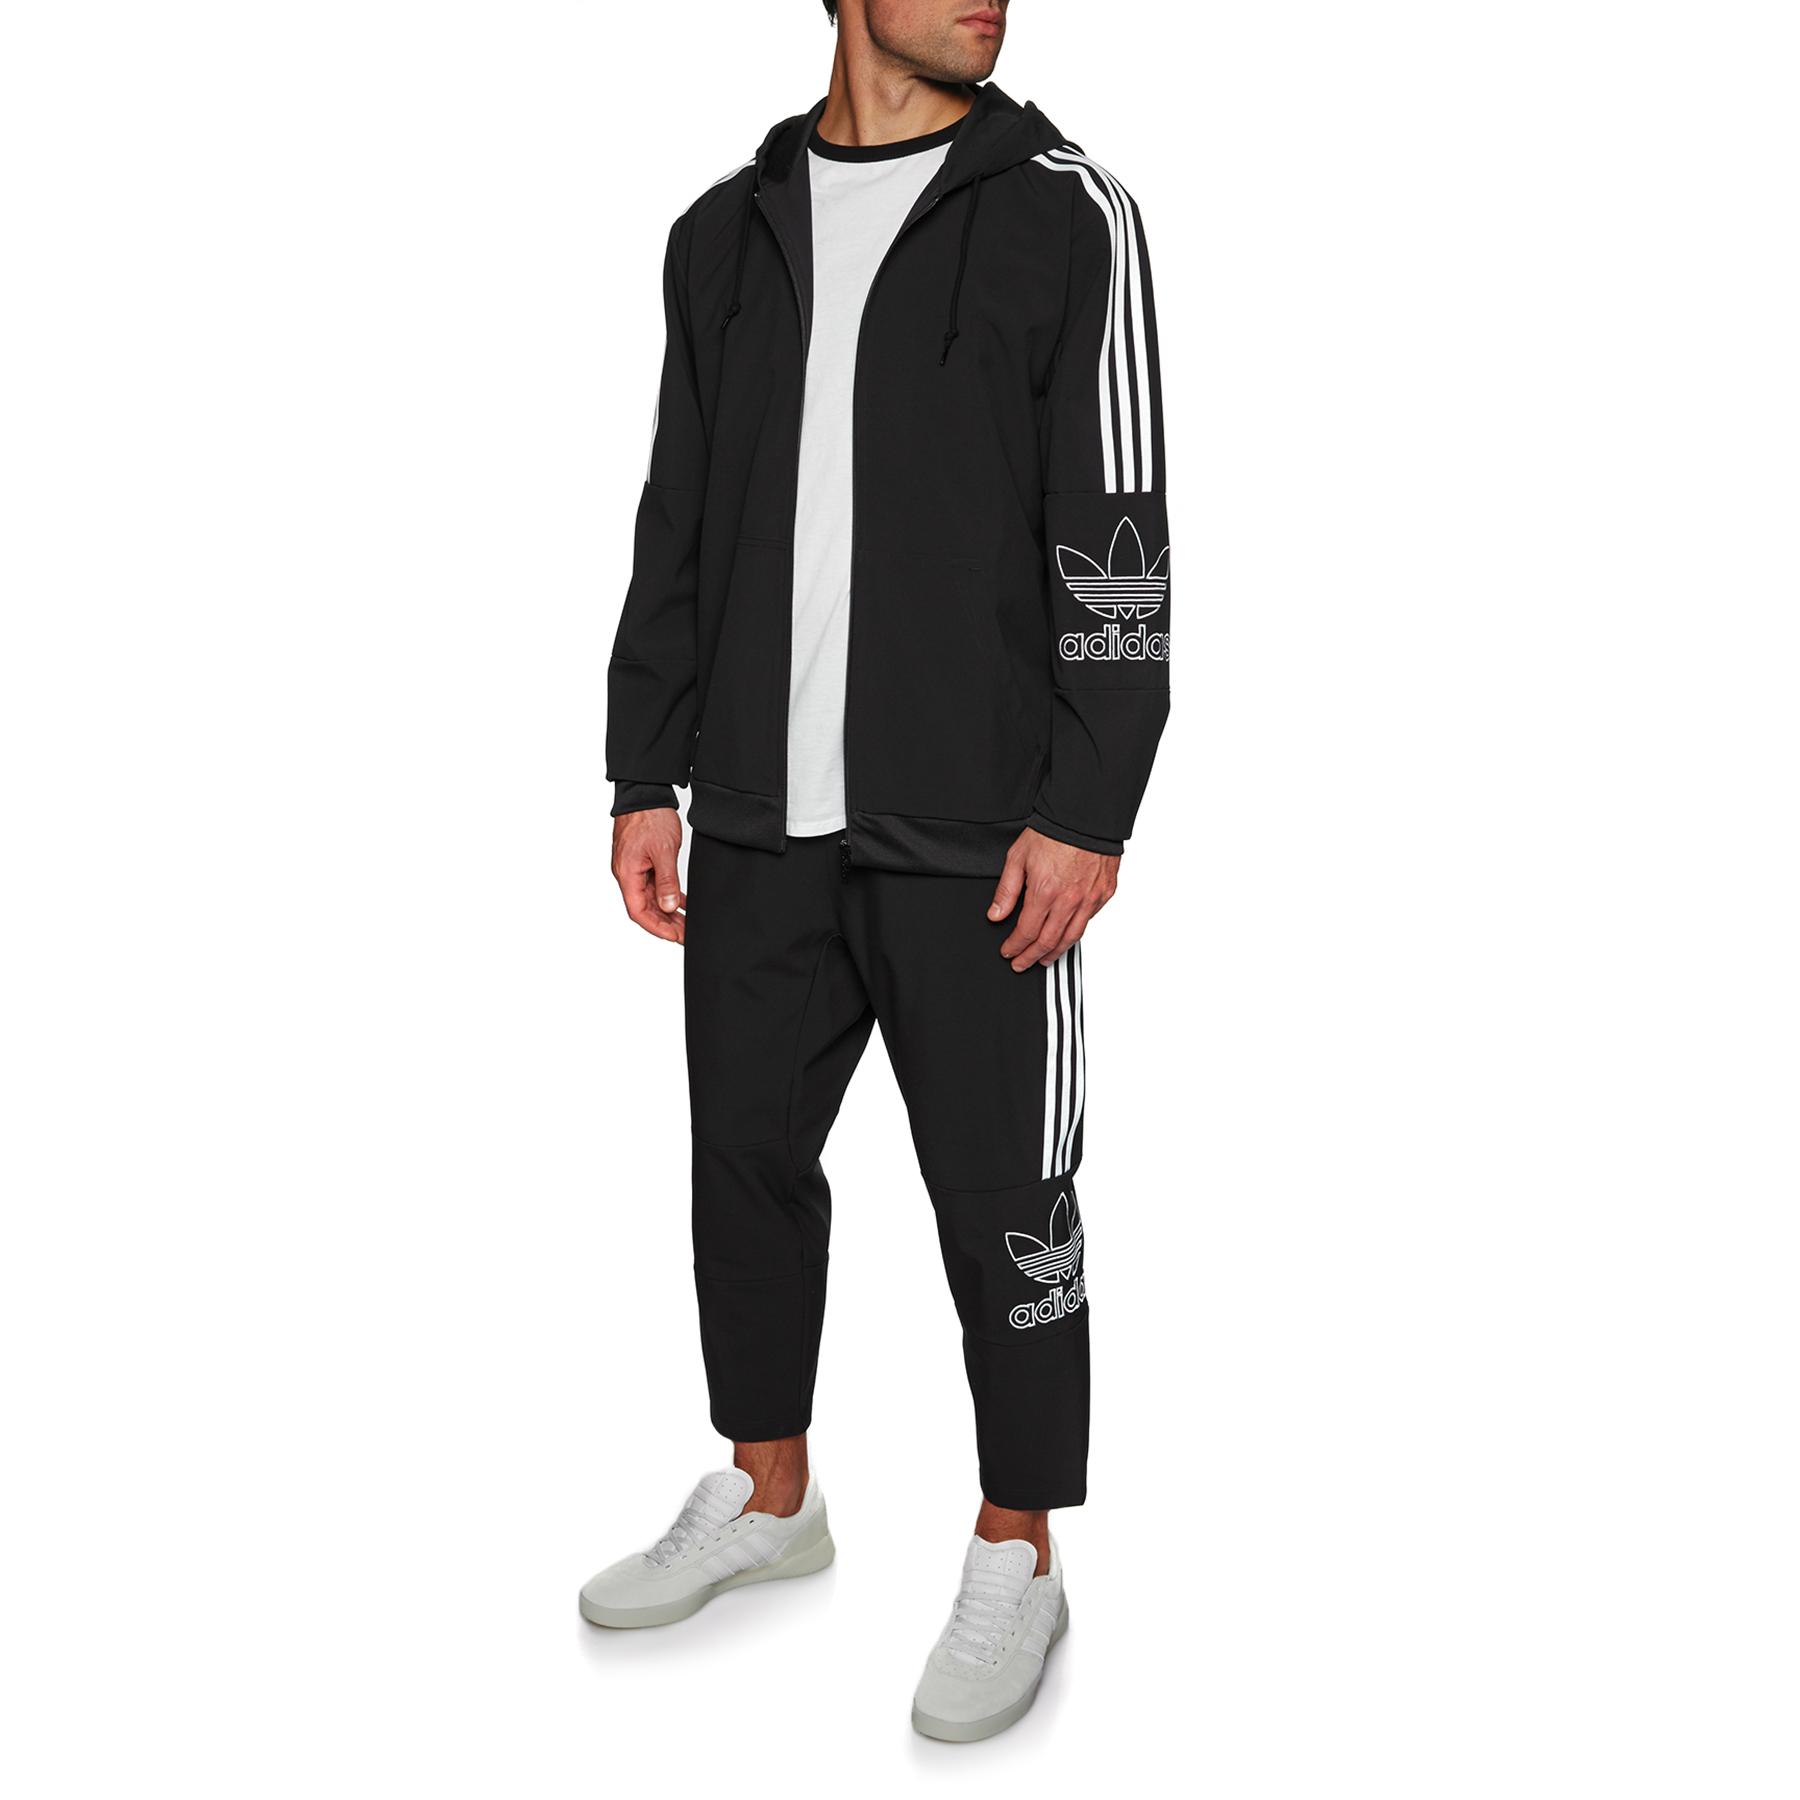 Adidas Originals Outline Kapuzenpullover mit Reißverschluss